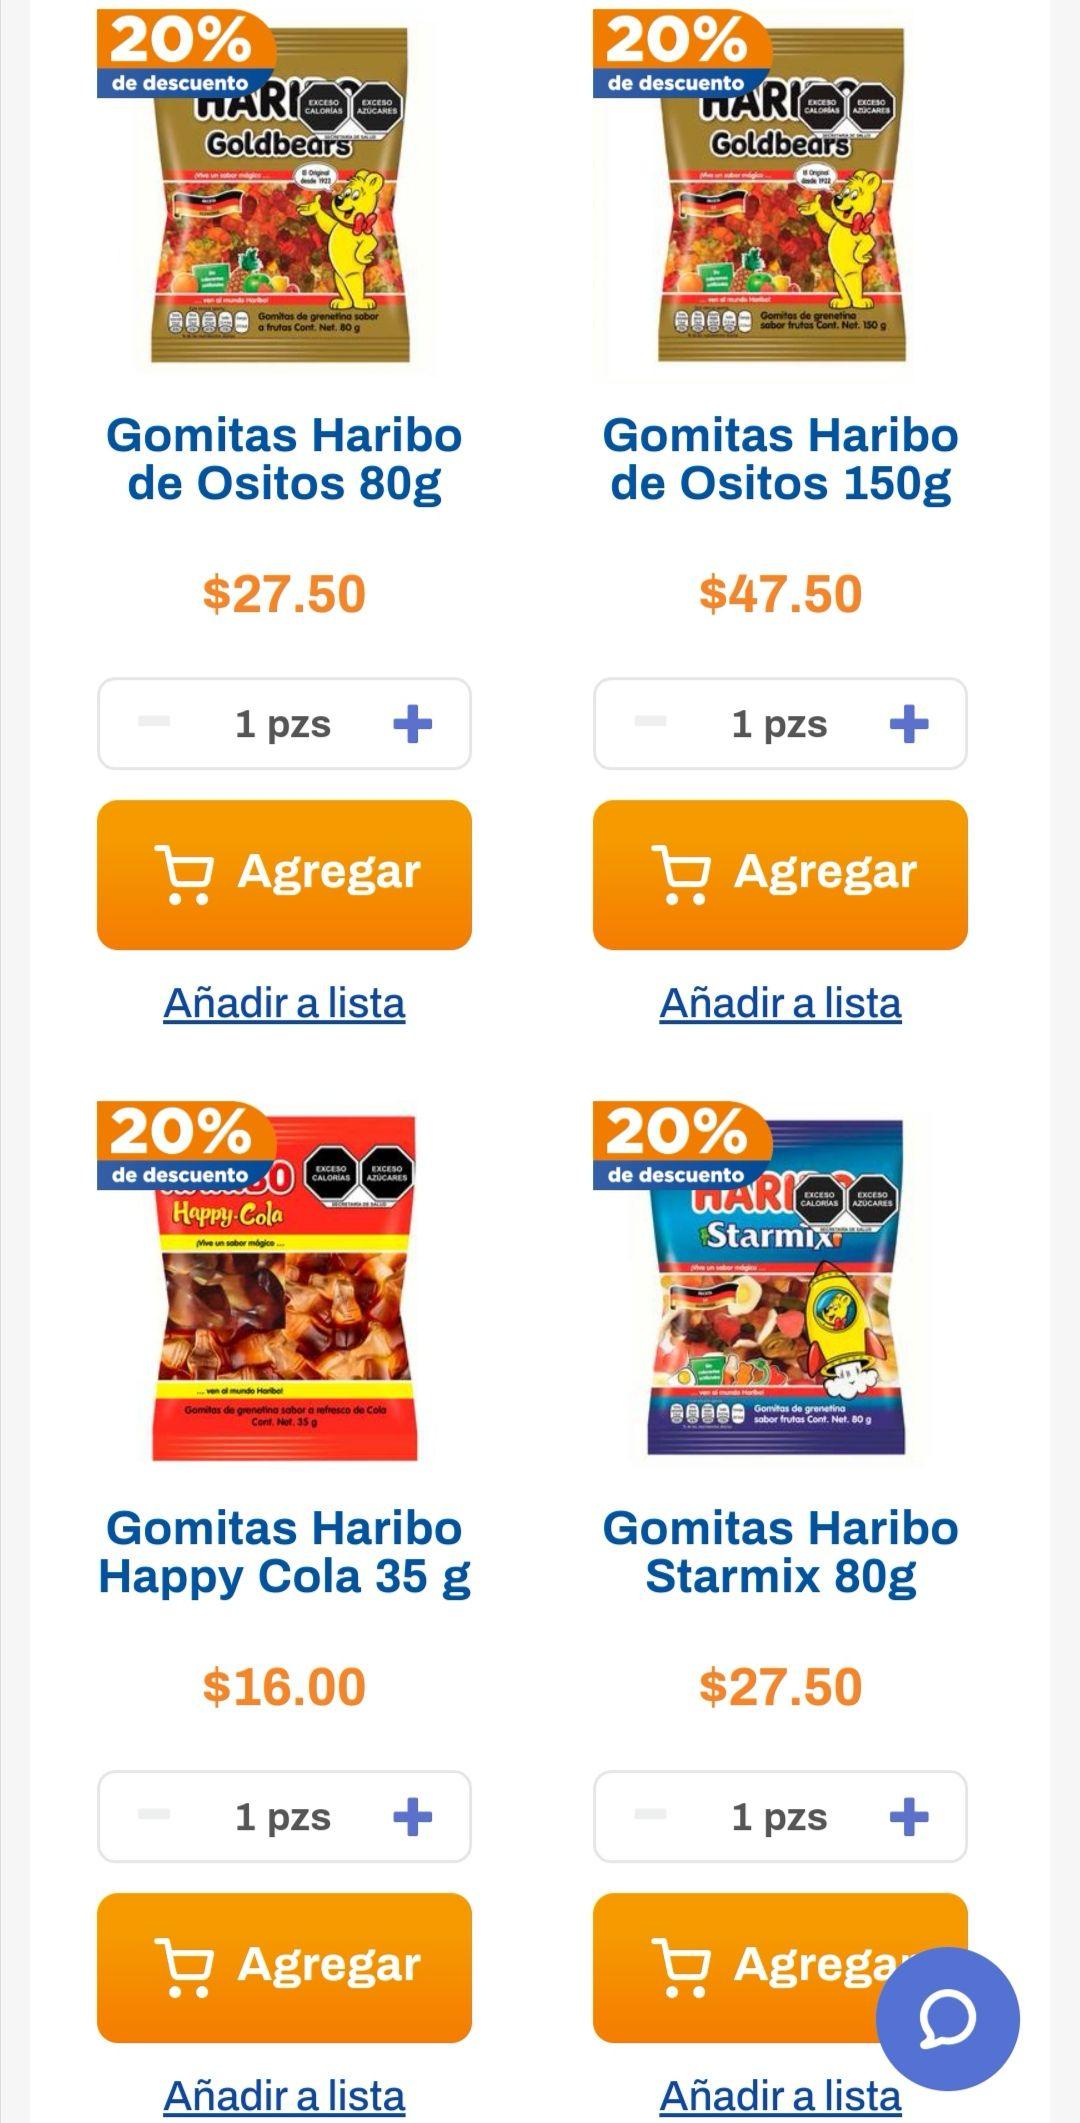 Chedraui: 20% de descuento en chocolates Ritter y gomitas Haribo